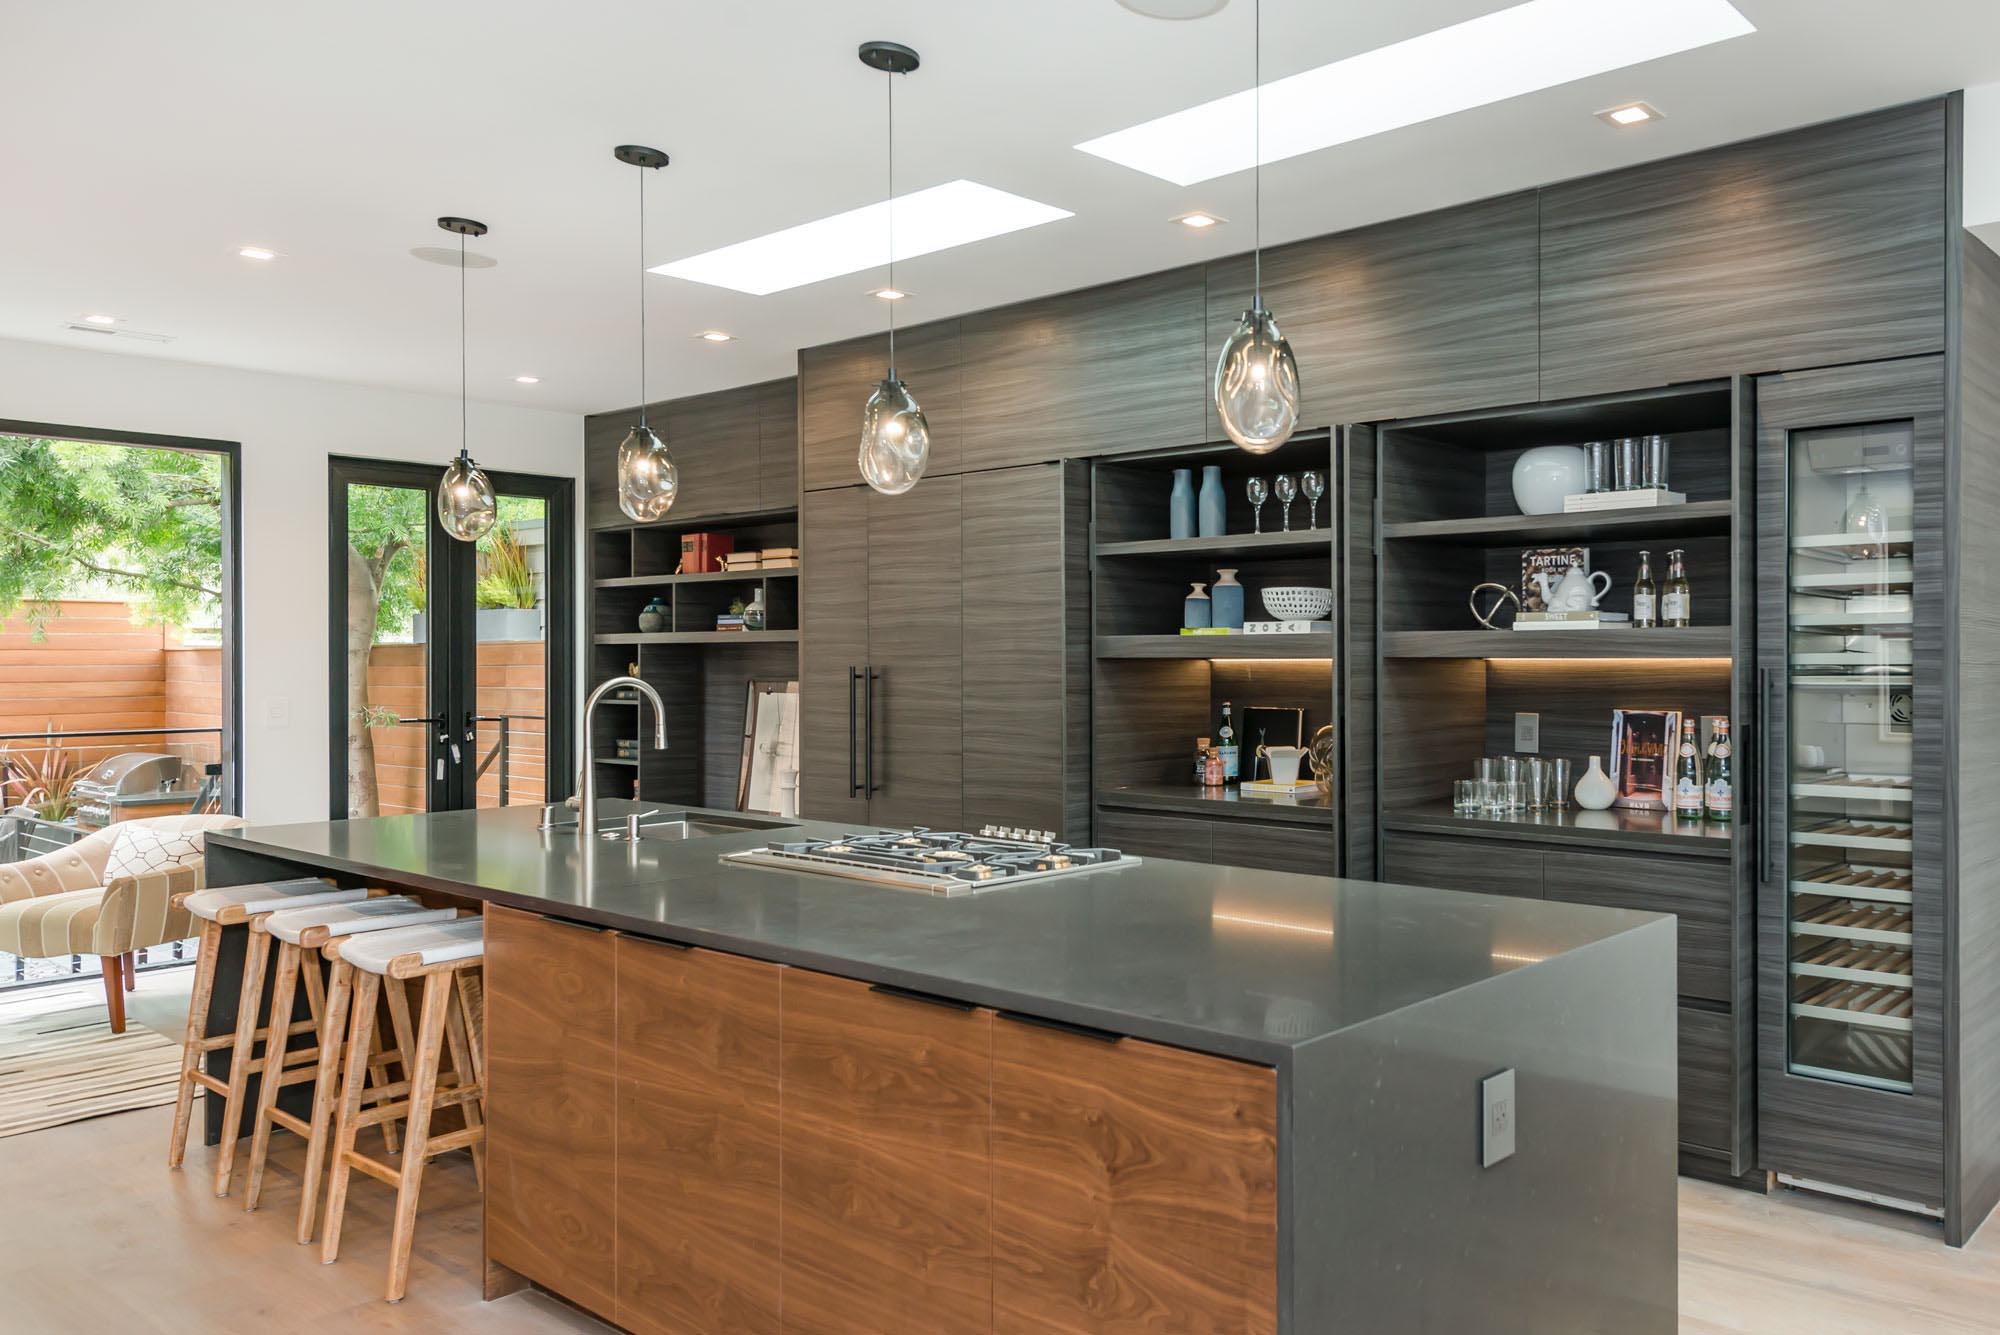 kitchen-2 copy.jpg